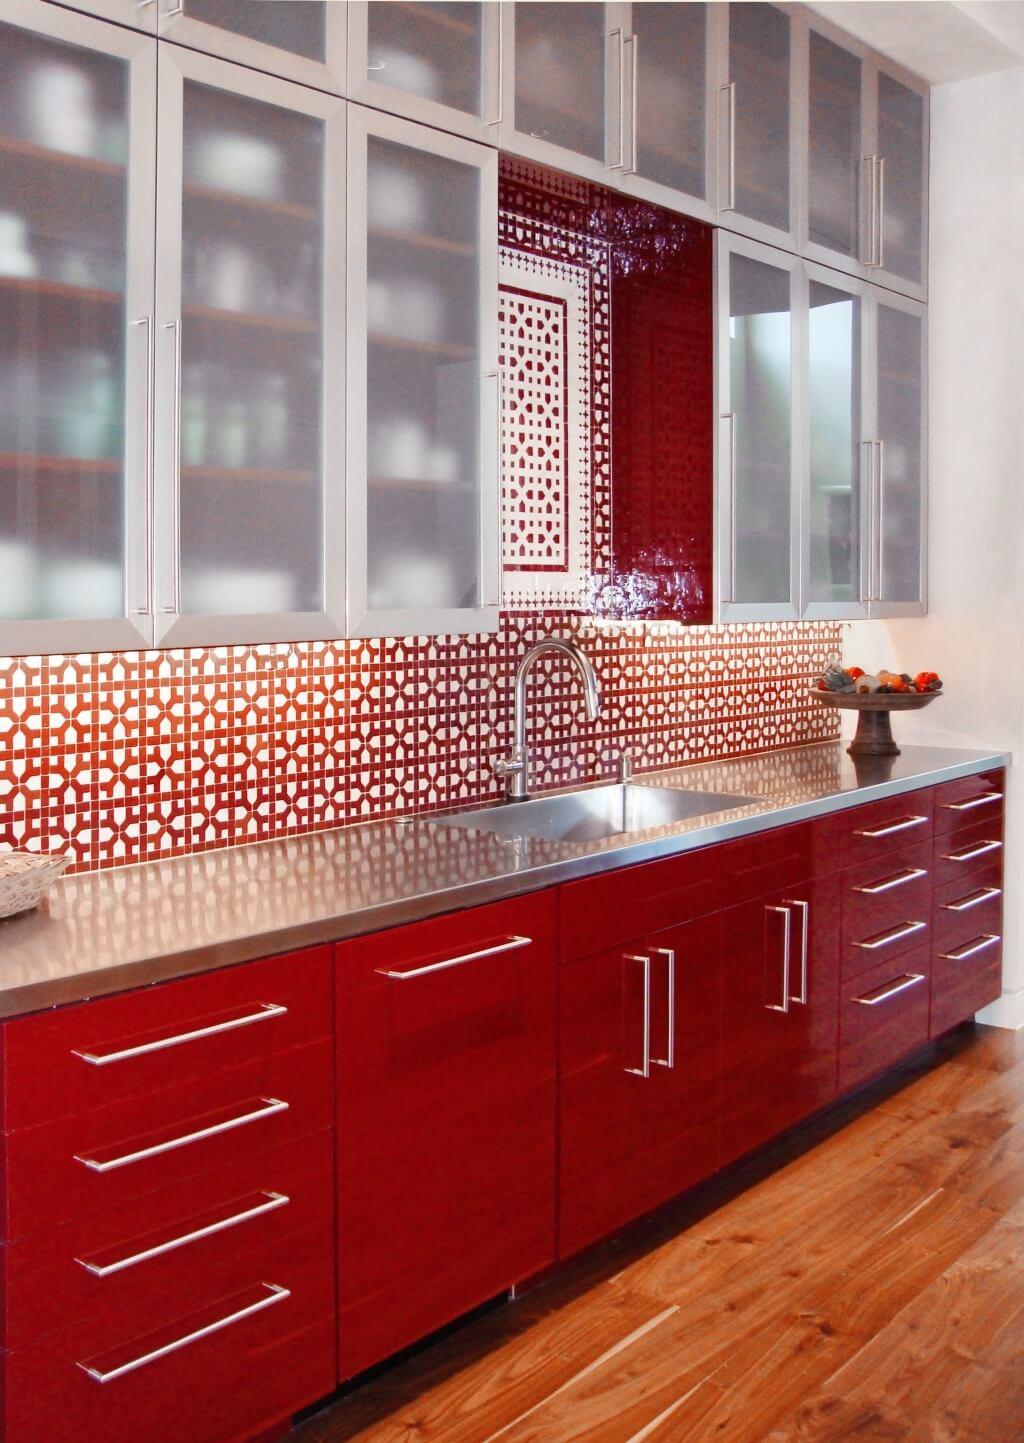 Minimalistiskt köksskåp